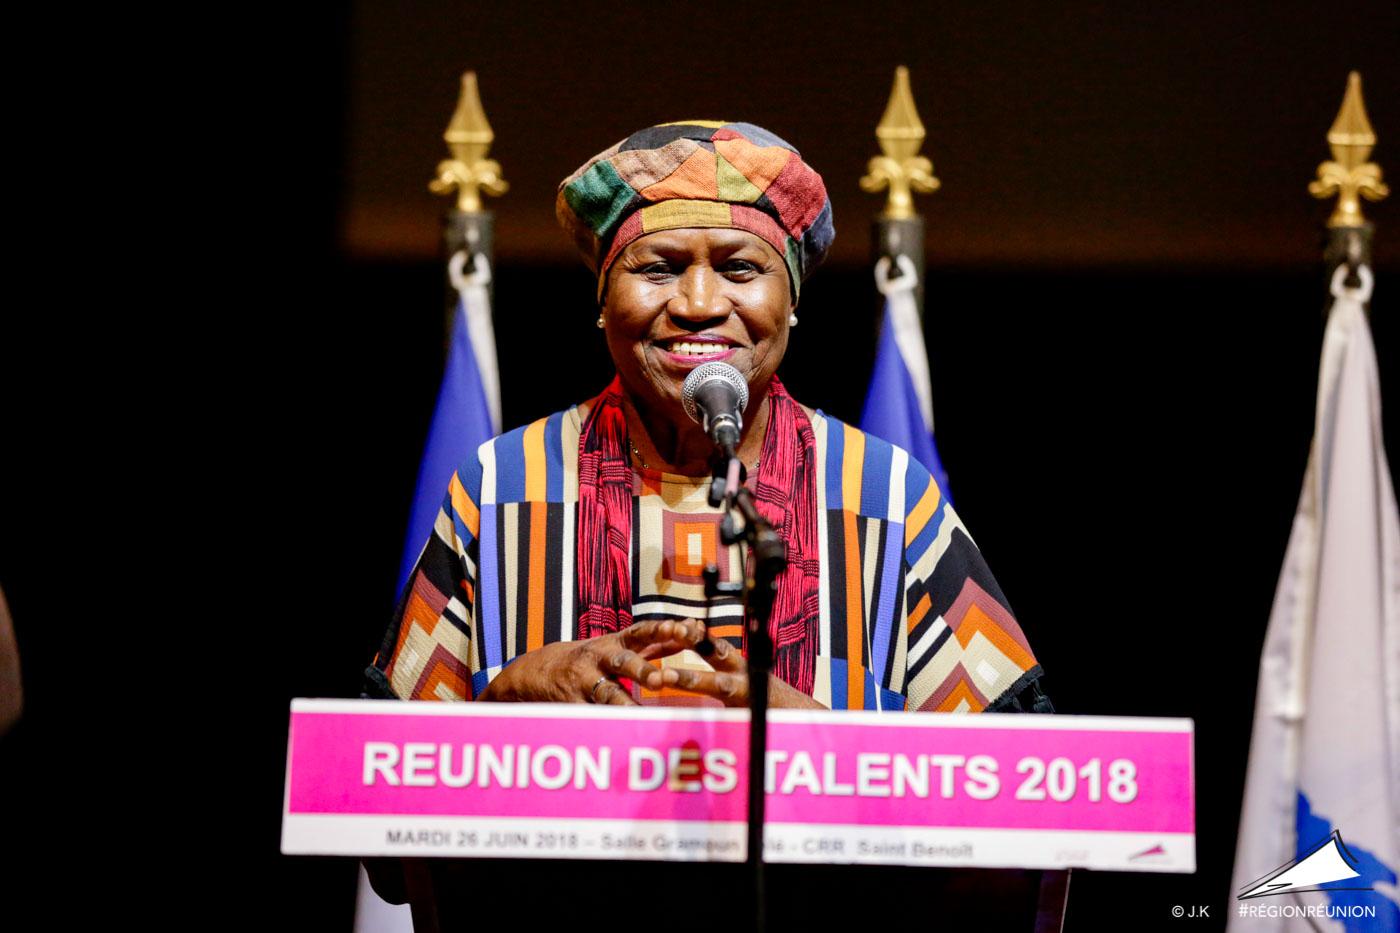 La Réunion des talents 2018